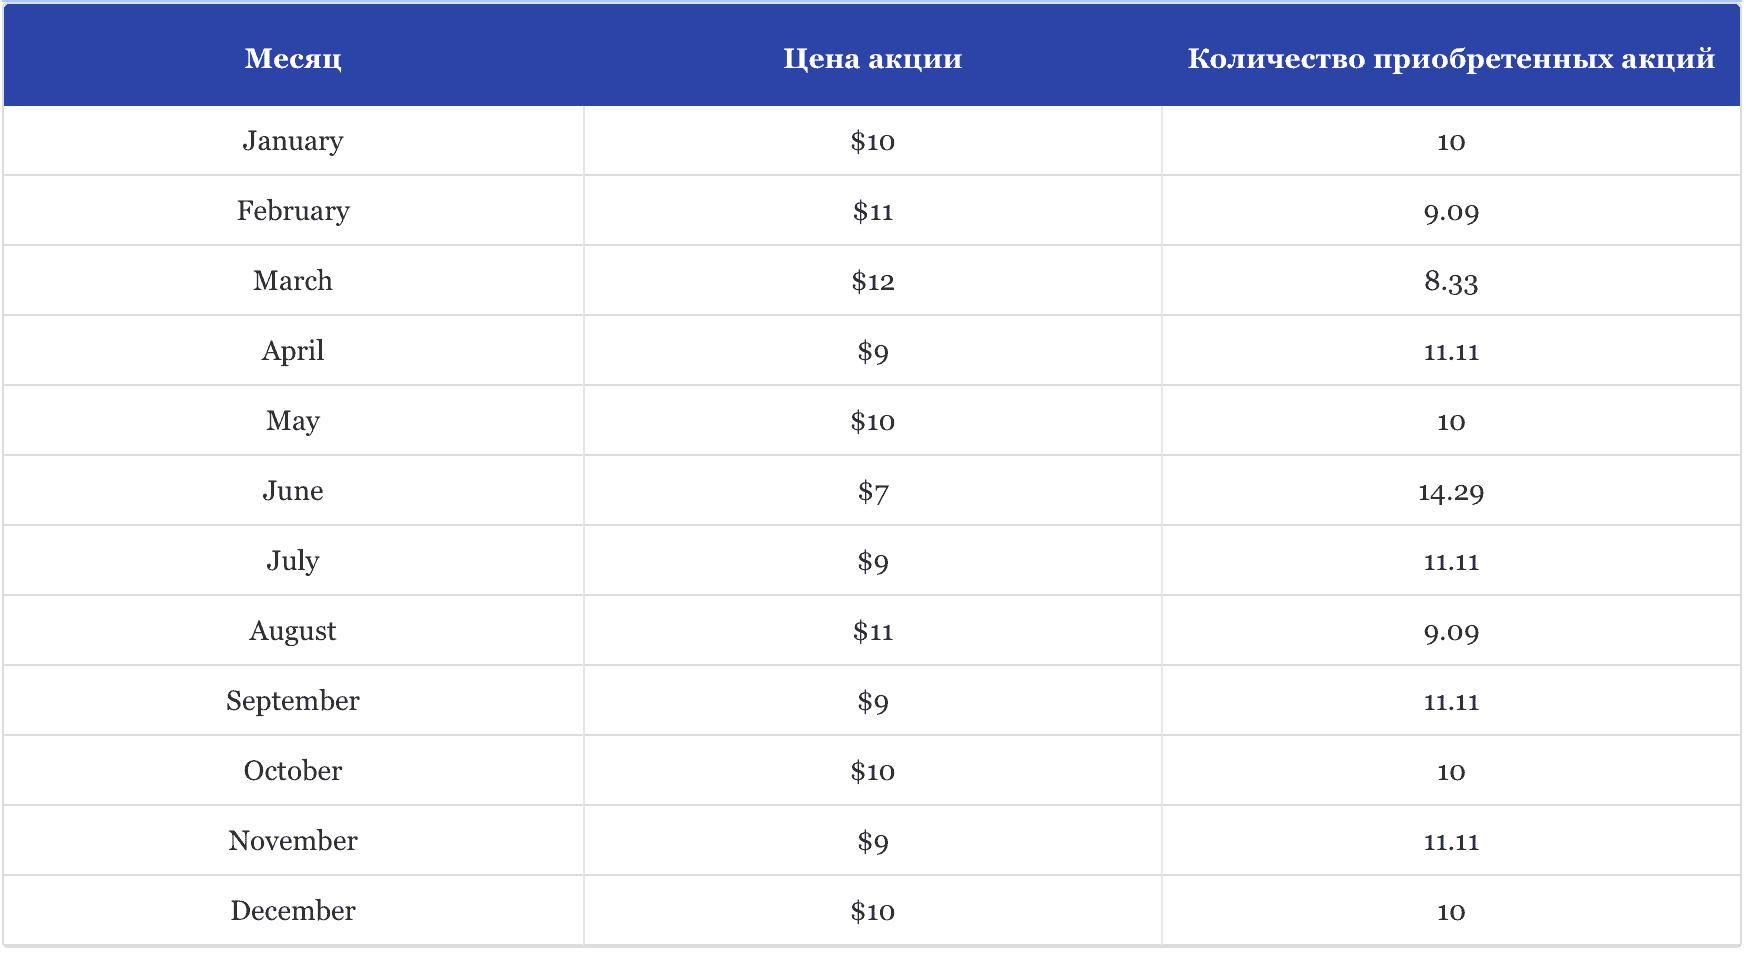 усреднение долларовой стоимости